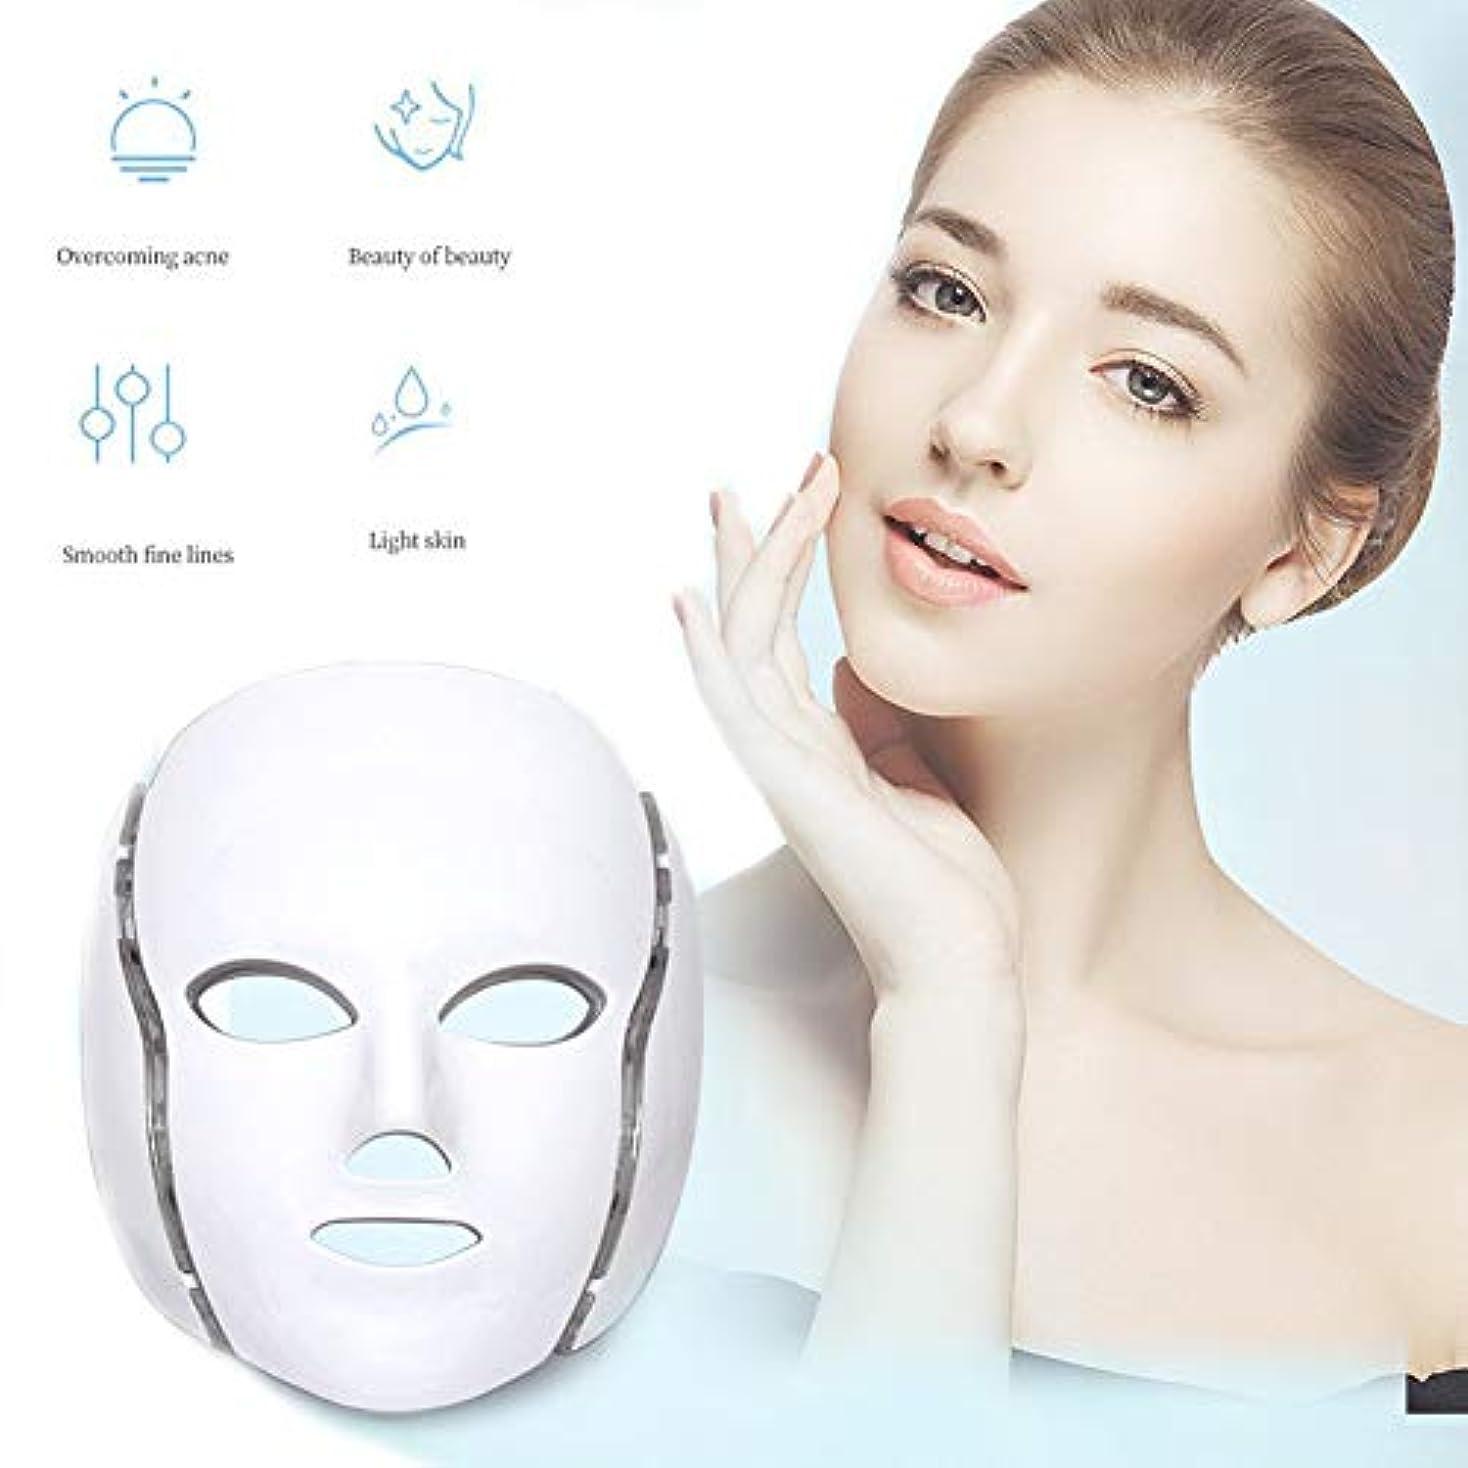 プライムマトロン性交7色LEDライトマスク美容器具フェイシャルマスクPhotorejuvenationスペクトル美容器具ネックマスクセット